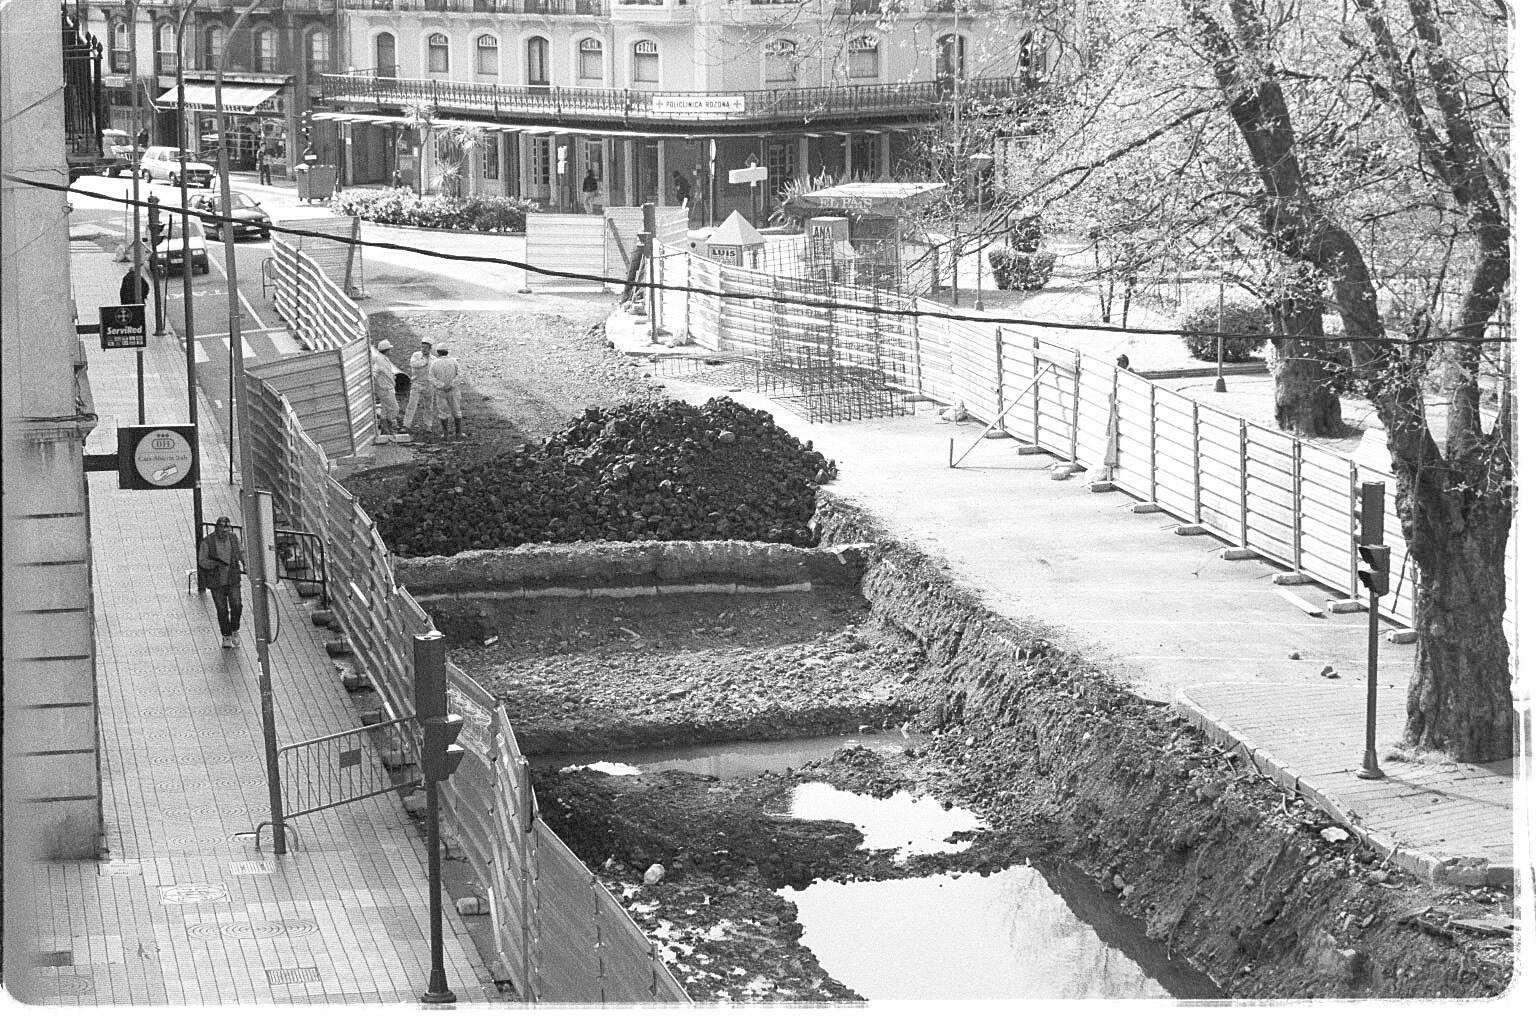 La historia del parque del Muelle, en imágenes.